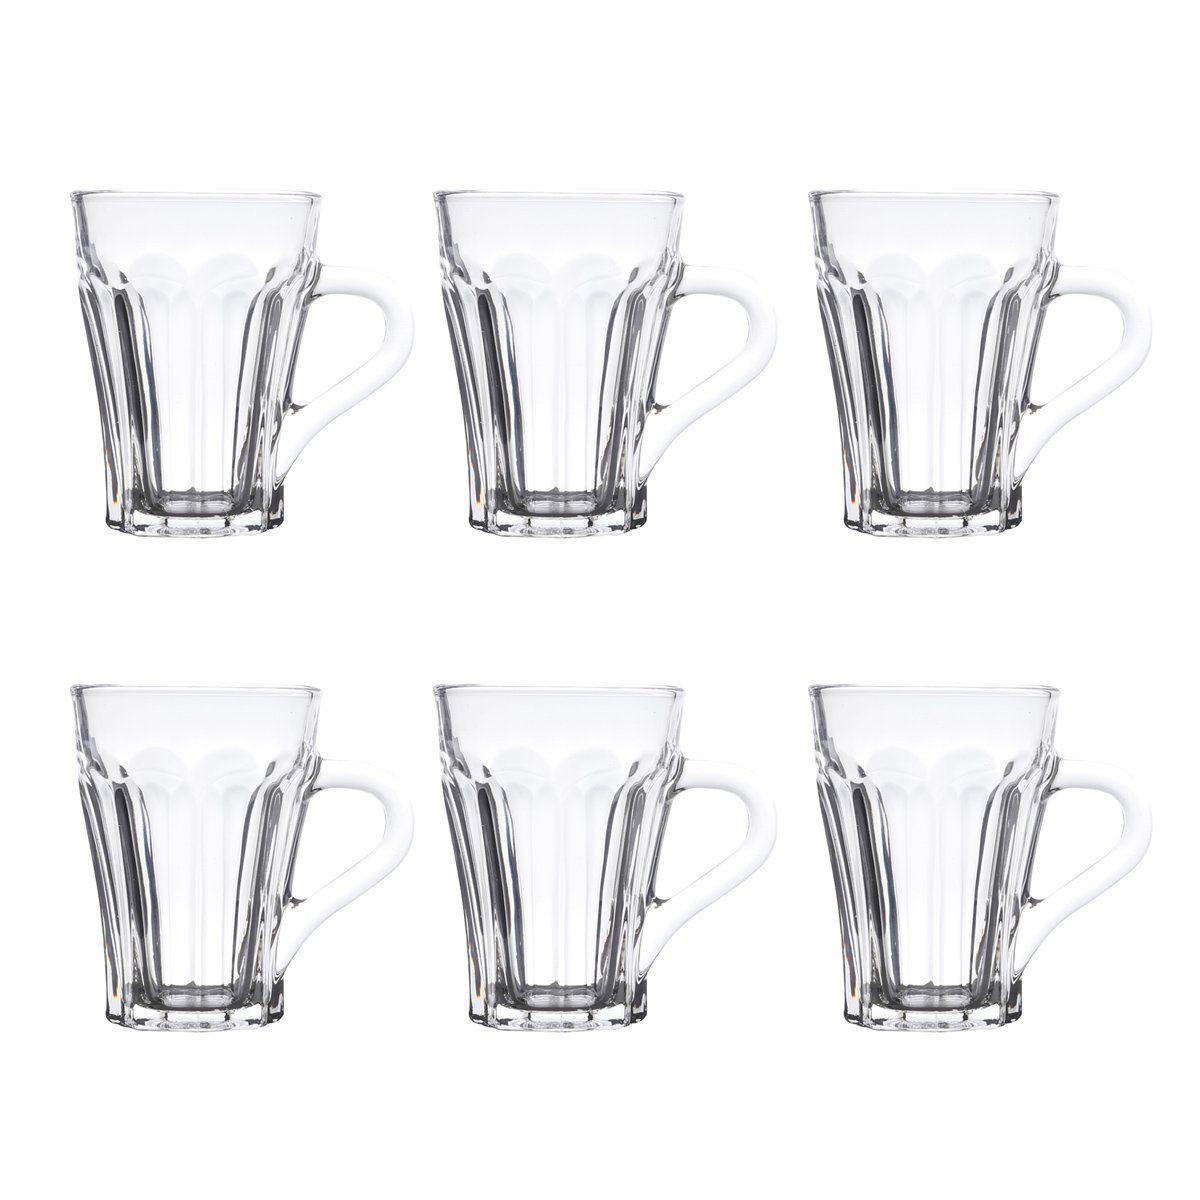 Jogo de 6 copos 140ml para café de vidro transparente com alça Allure Bon Gourmet - 25626